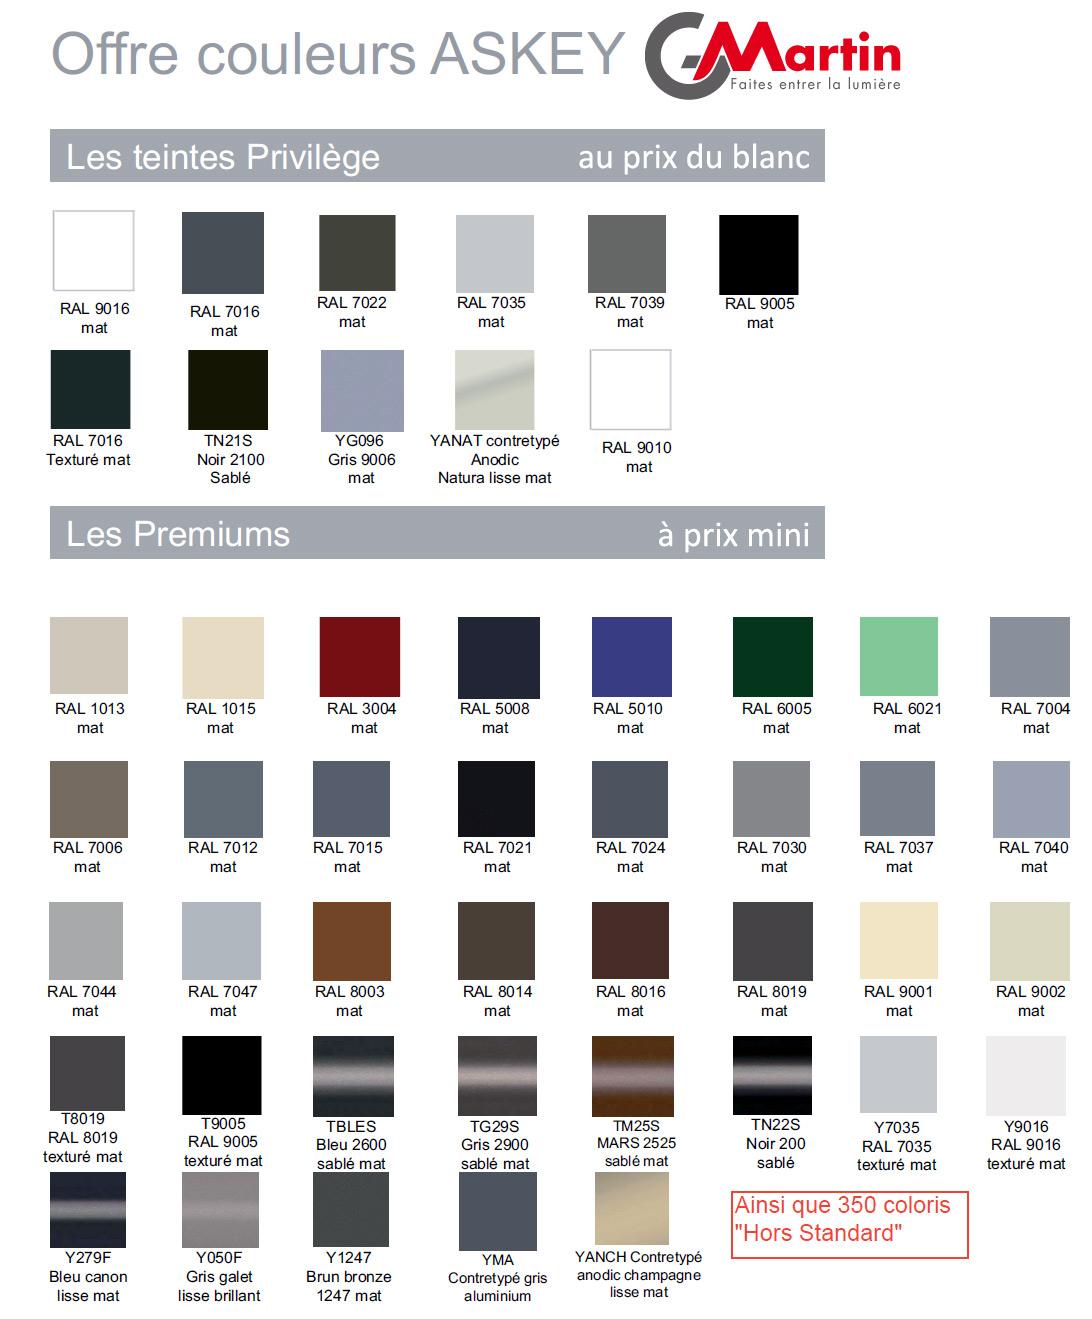 nouvelle offre couleur aluminium g martin. Black Bedroom Furniture Sets. Home Design Ideas